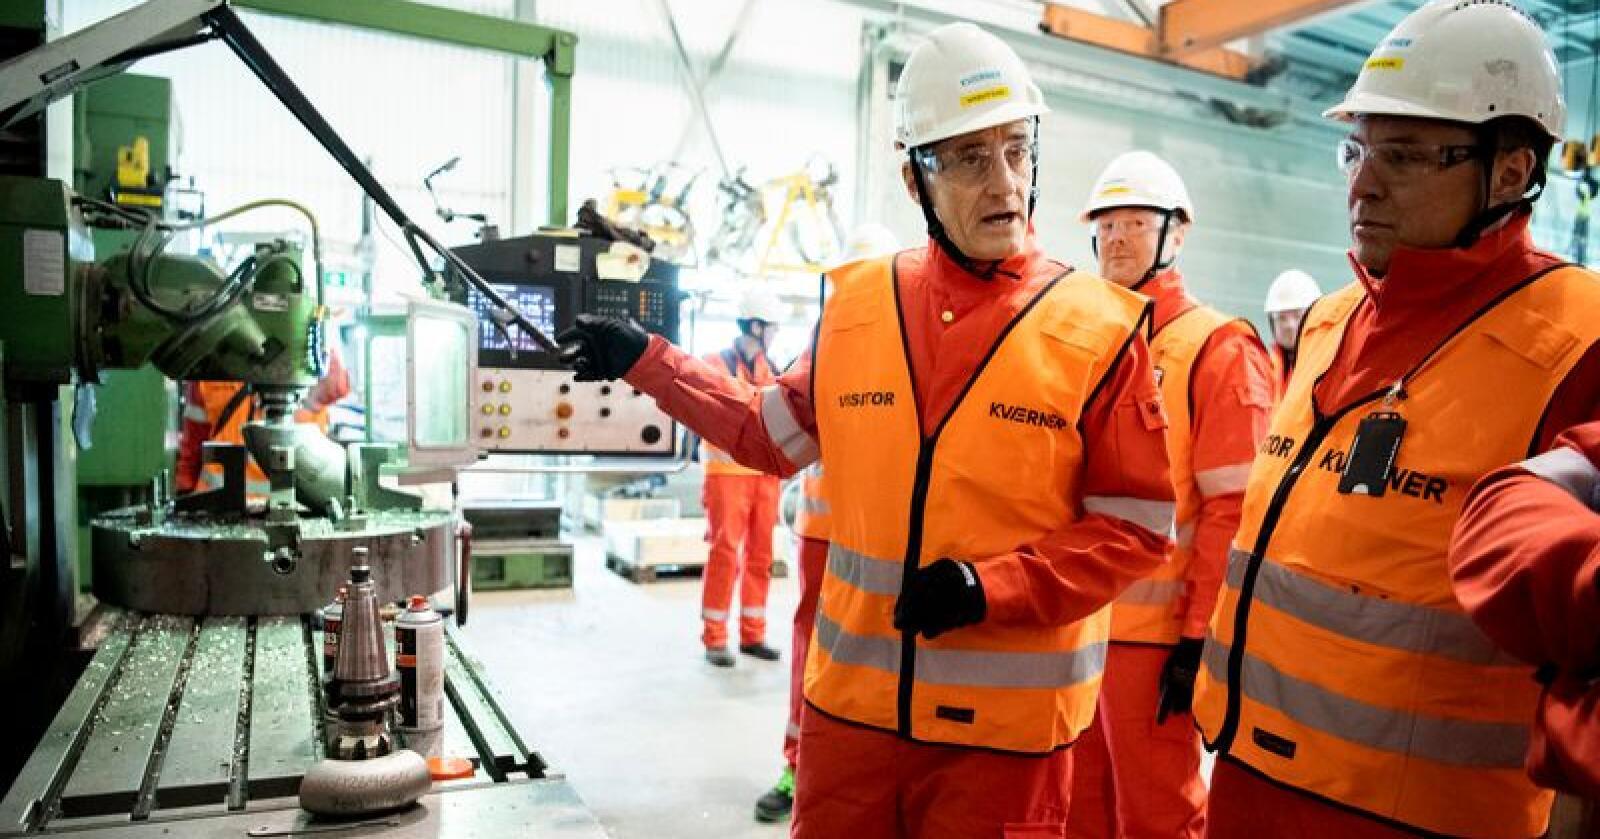 April 2019: Jonas Gahr Støre, her sammen med fylkesordfører Tore O. Sandvik i Trøndelag, på et besøk ved Kverner Verdal. Foto: Ole Martin Wold / NTB scanpix